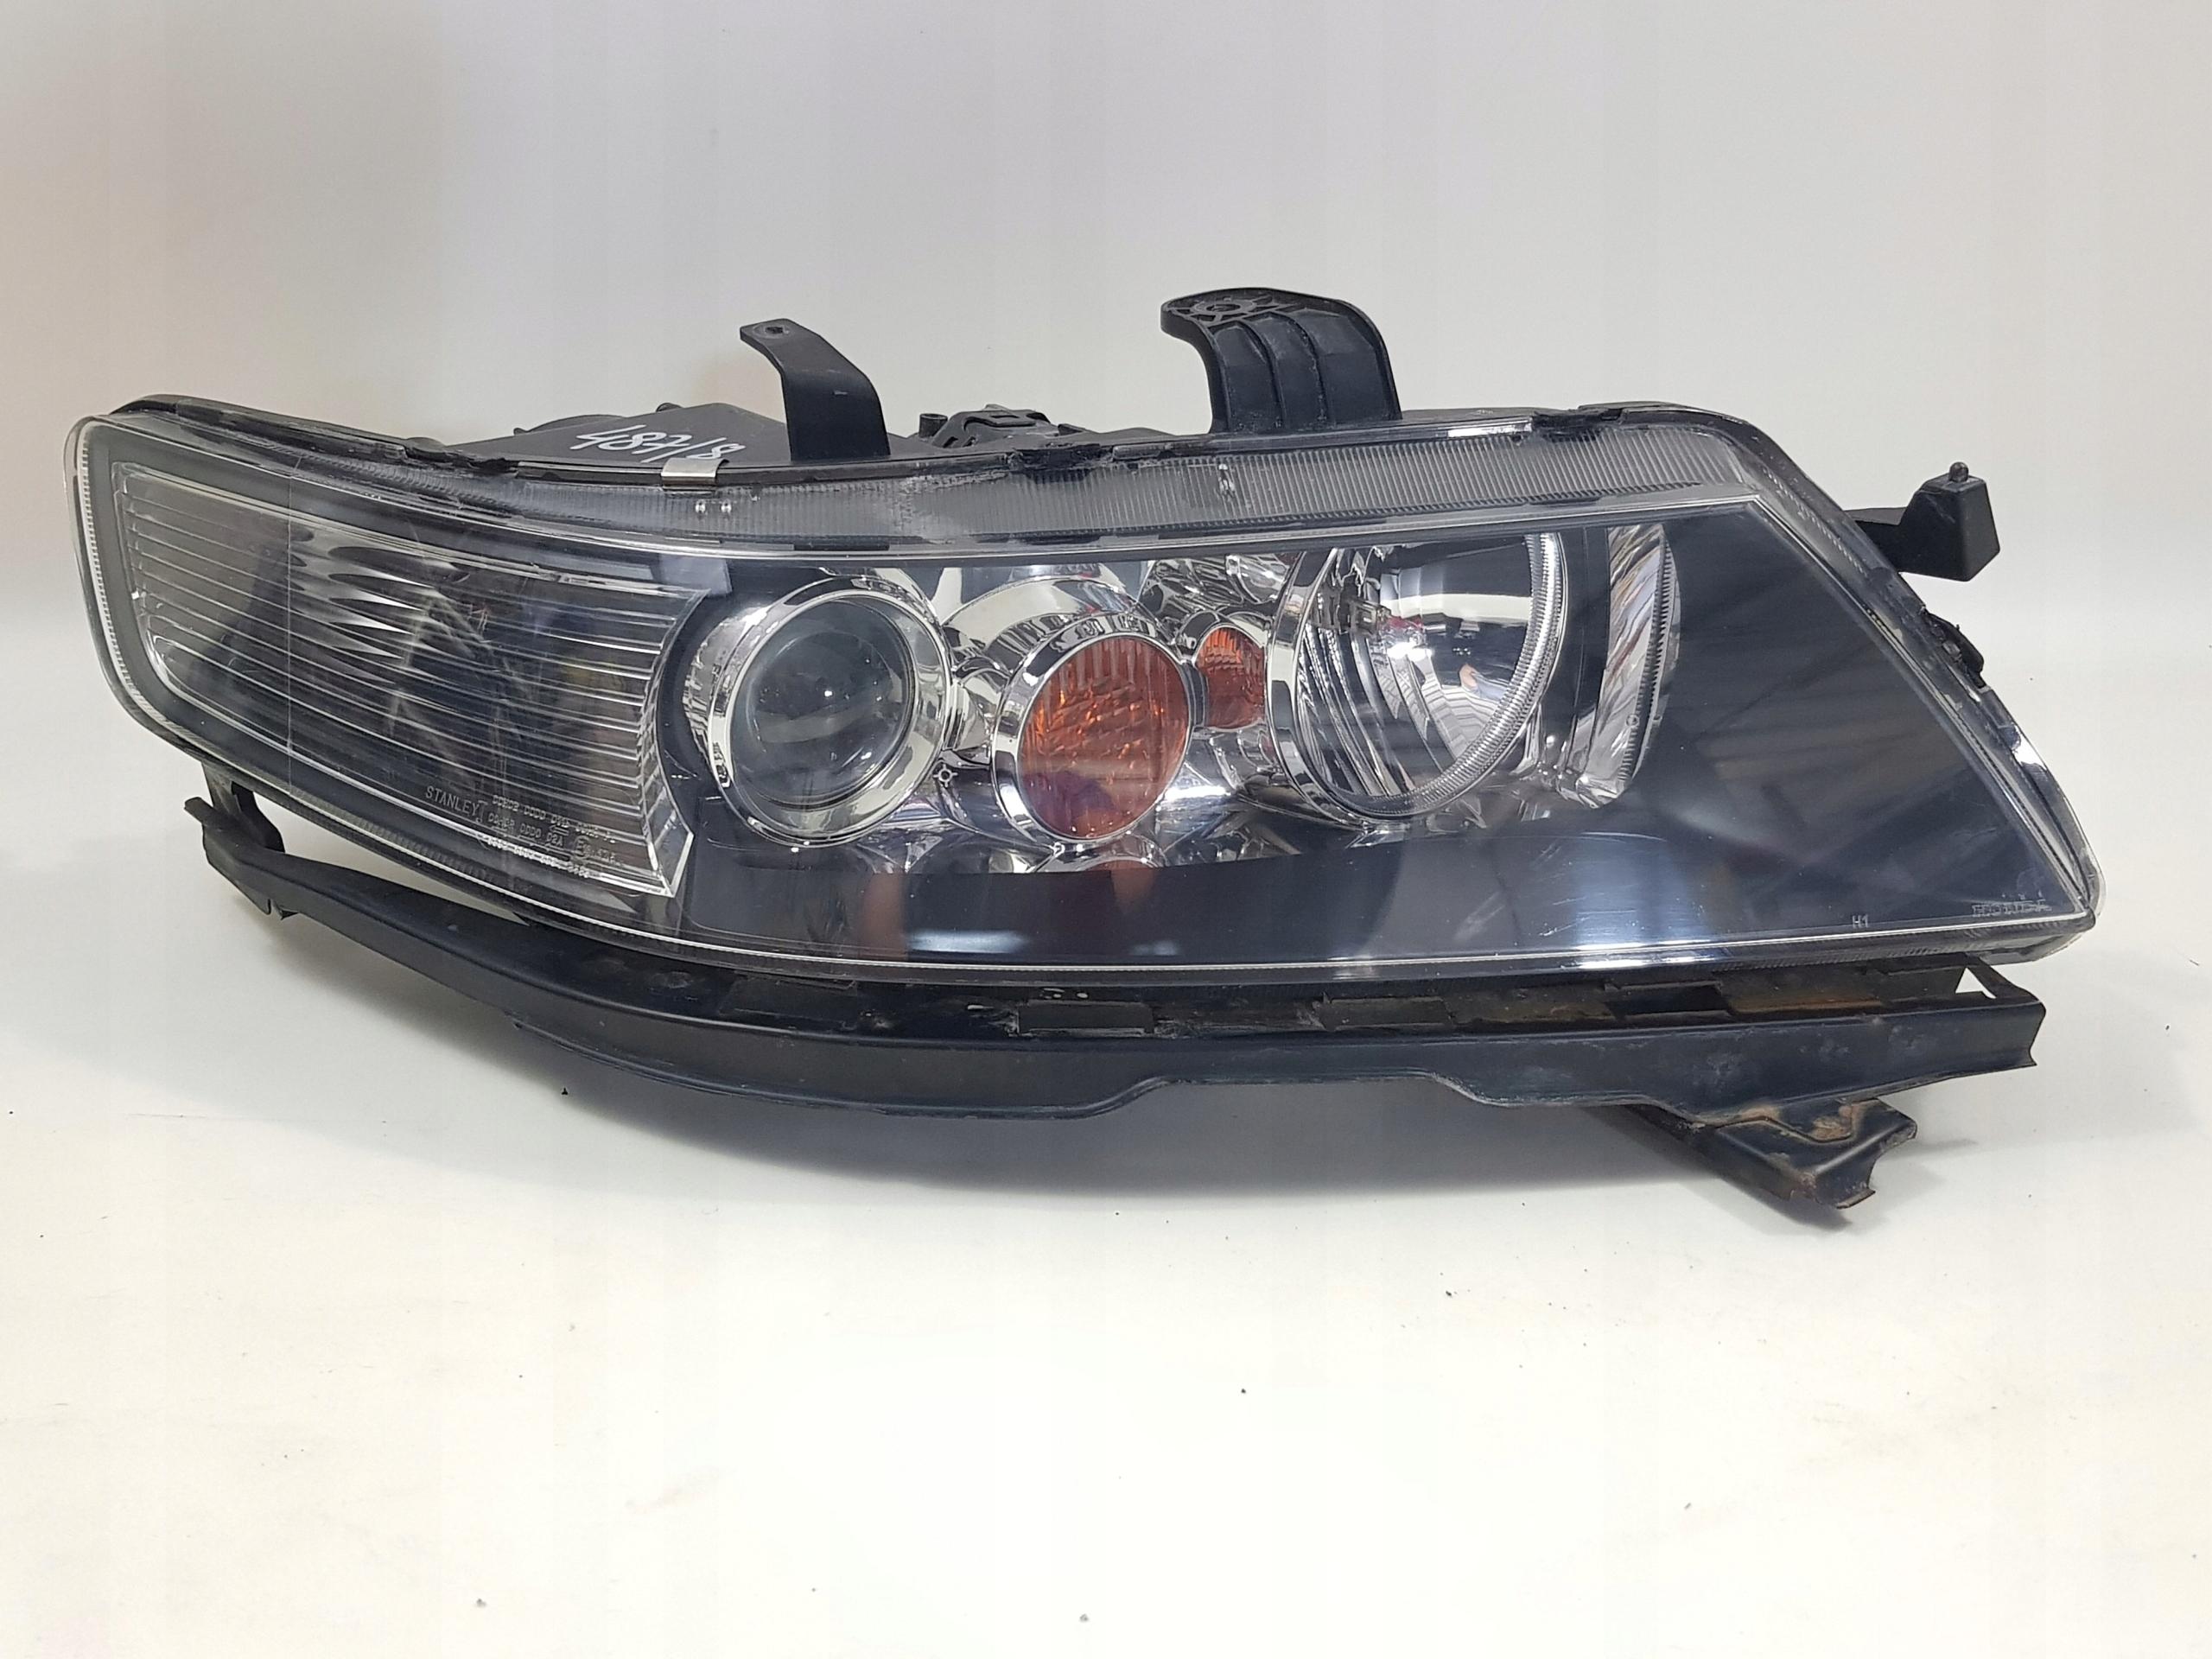 Honda Accord Vii 03 05r Lampa Przednia Prawa Eu 7572883398